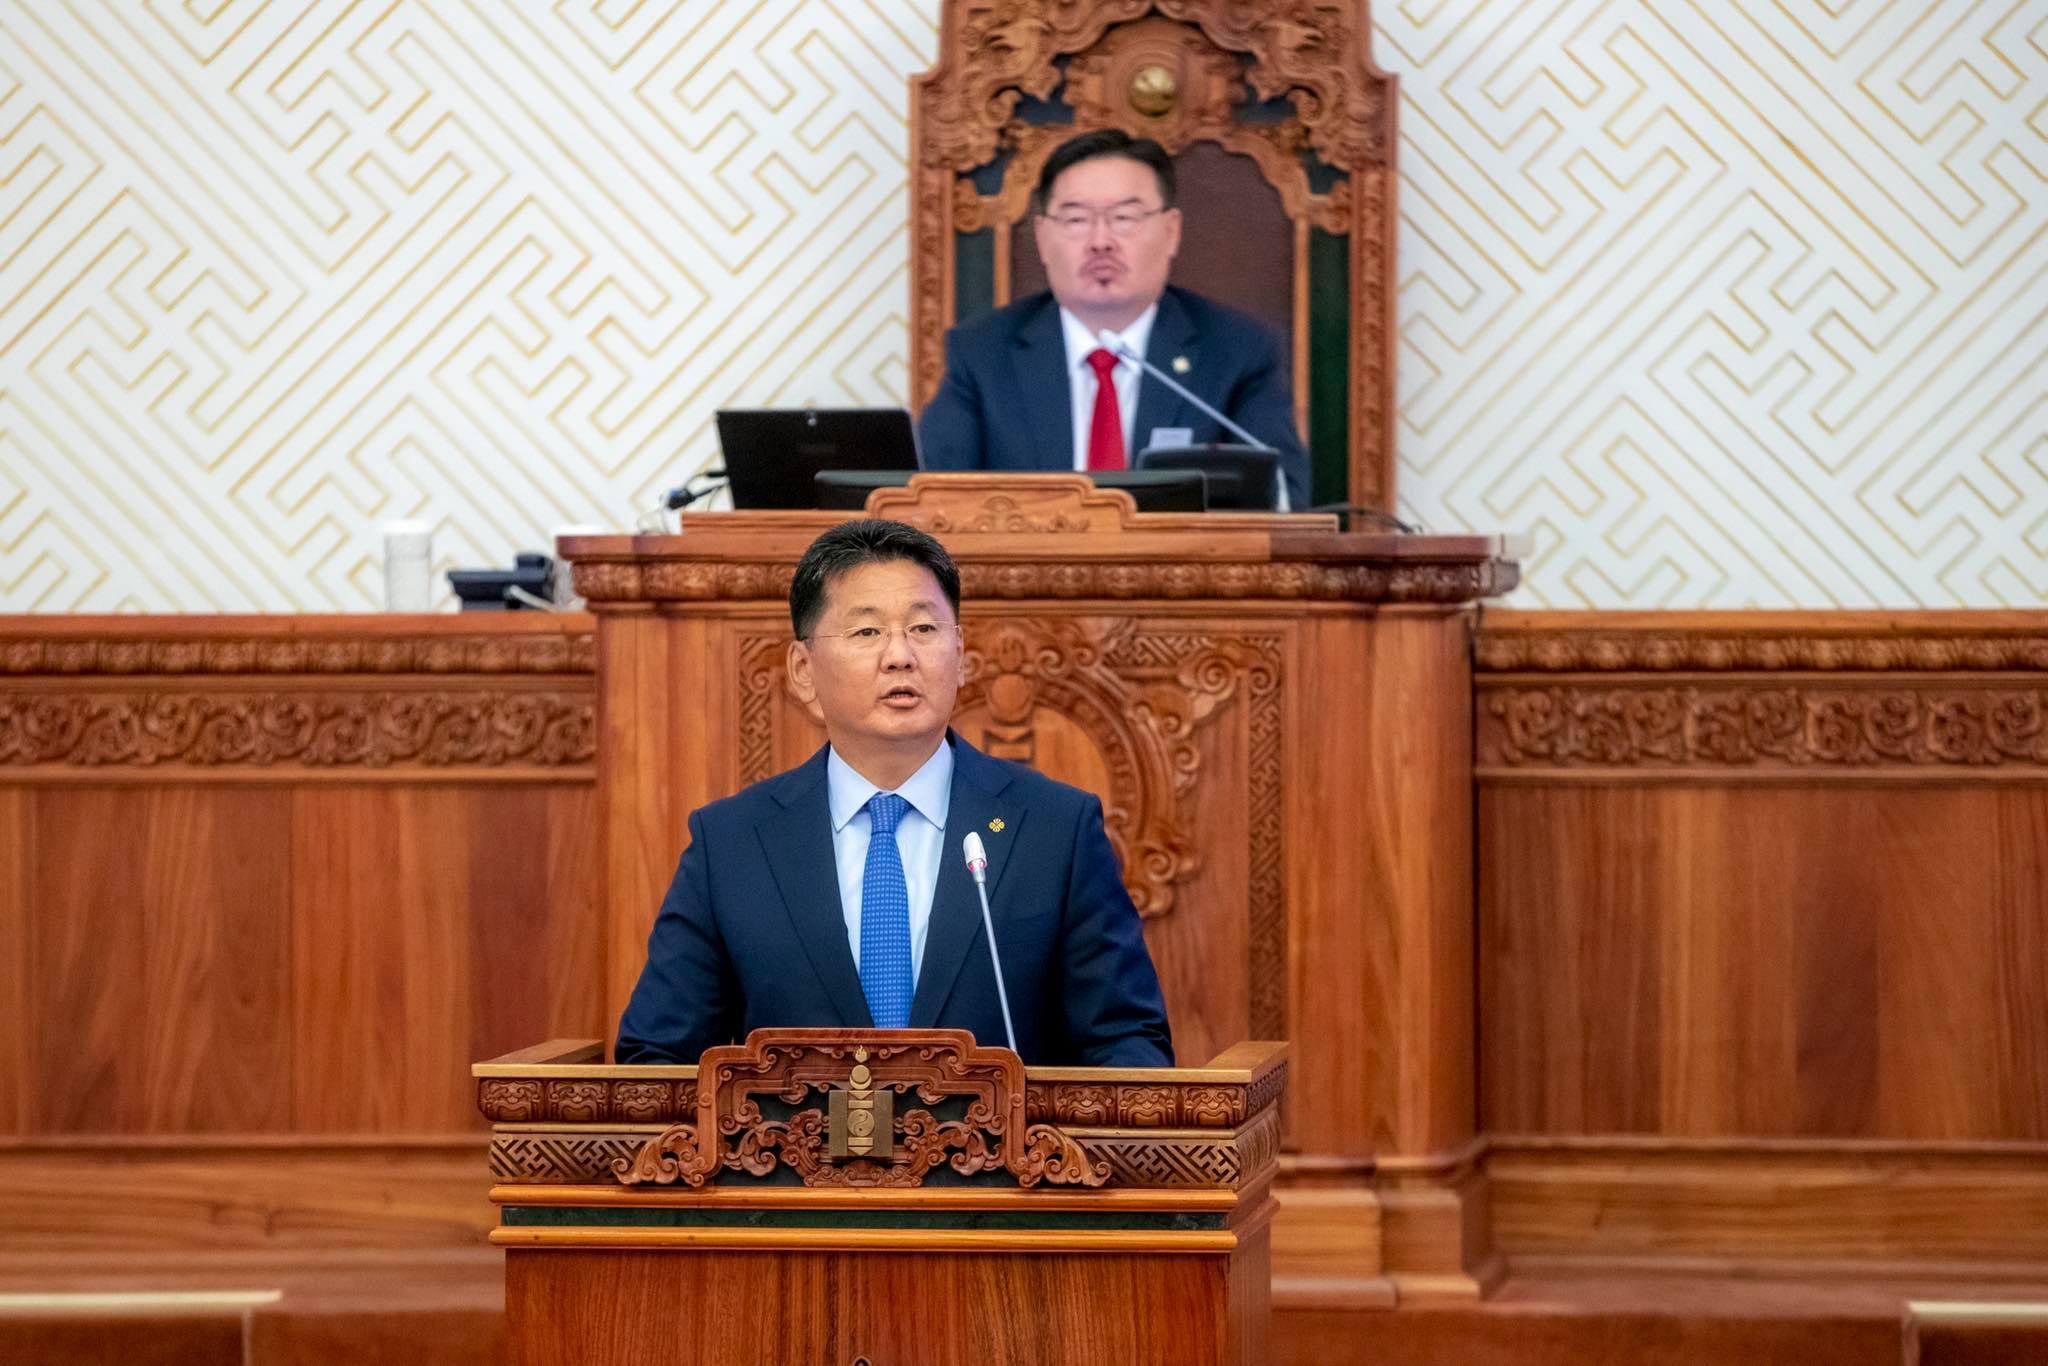 У.Хүрэлсүх: Монгол хэмээх улсын тулах хоёр баганын нэг нь Ардын нам гэвэл нөгөө нь Ардчилсан нам